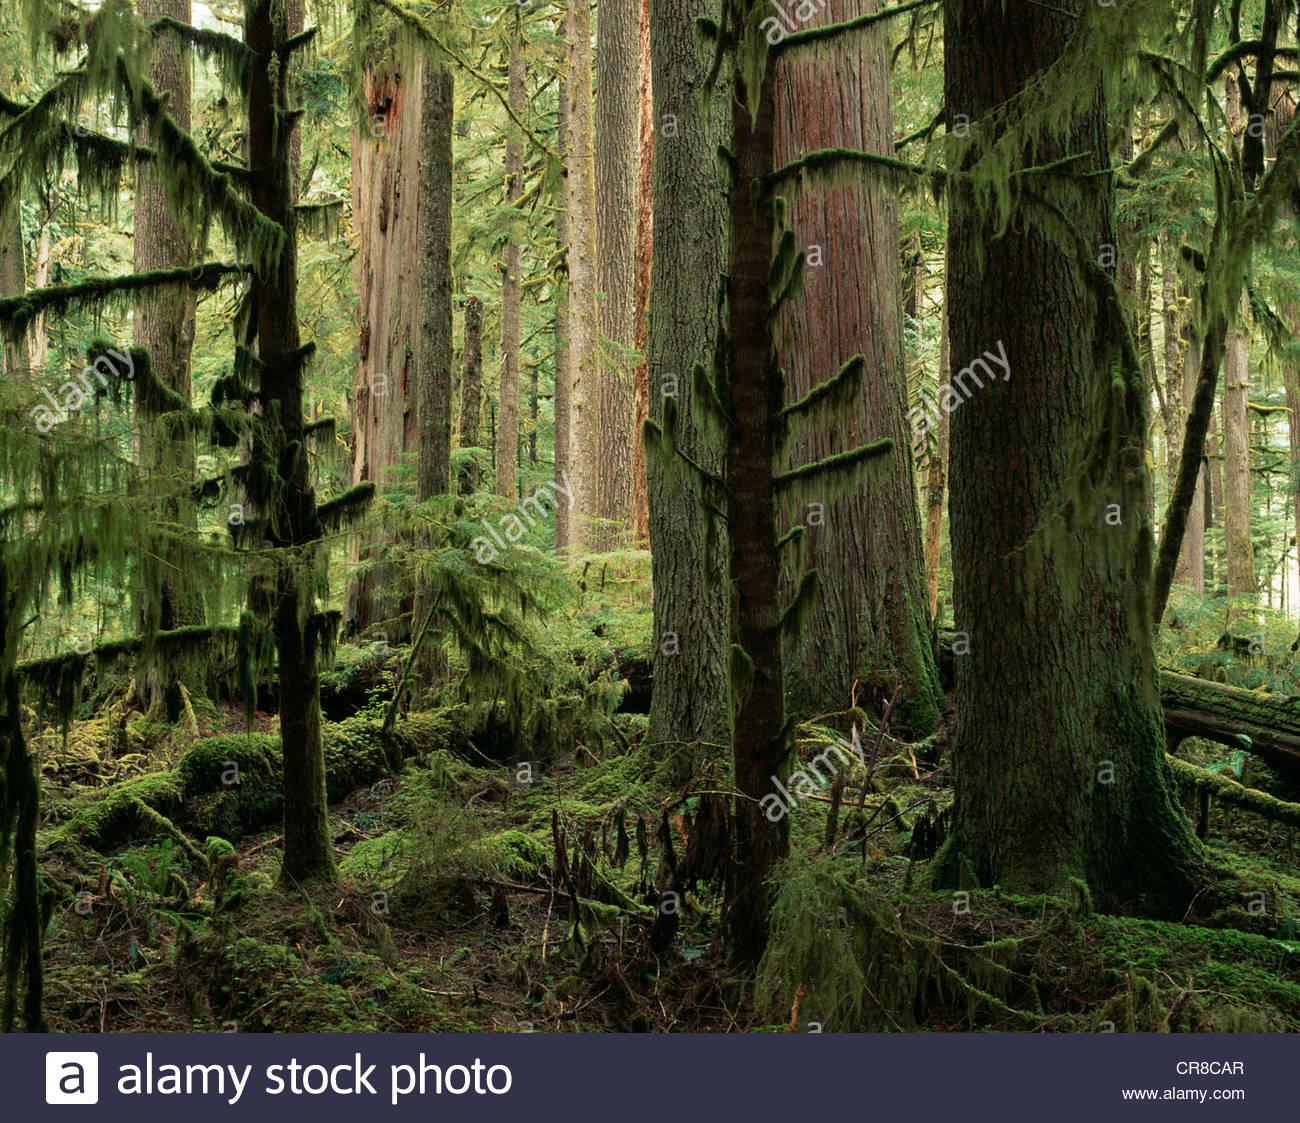 Olympic National Park, Washington - Stock Image